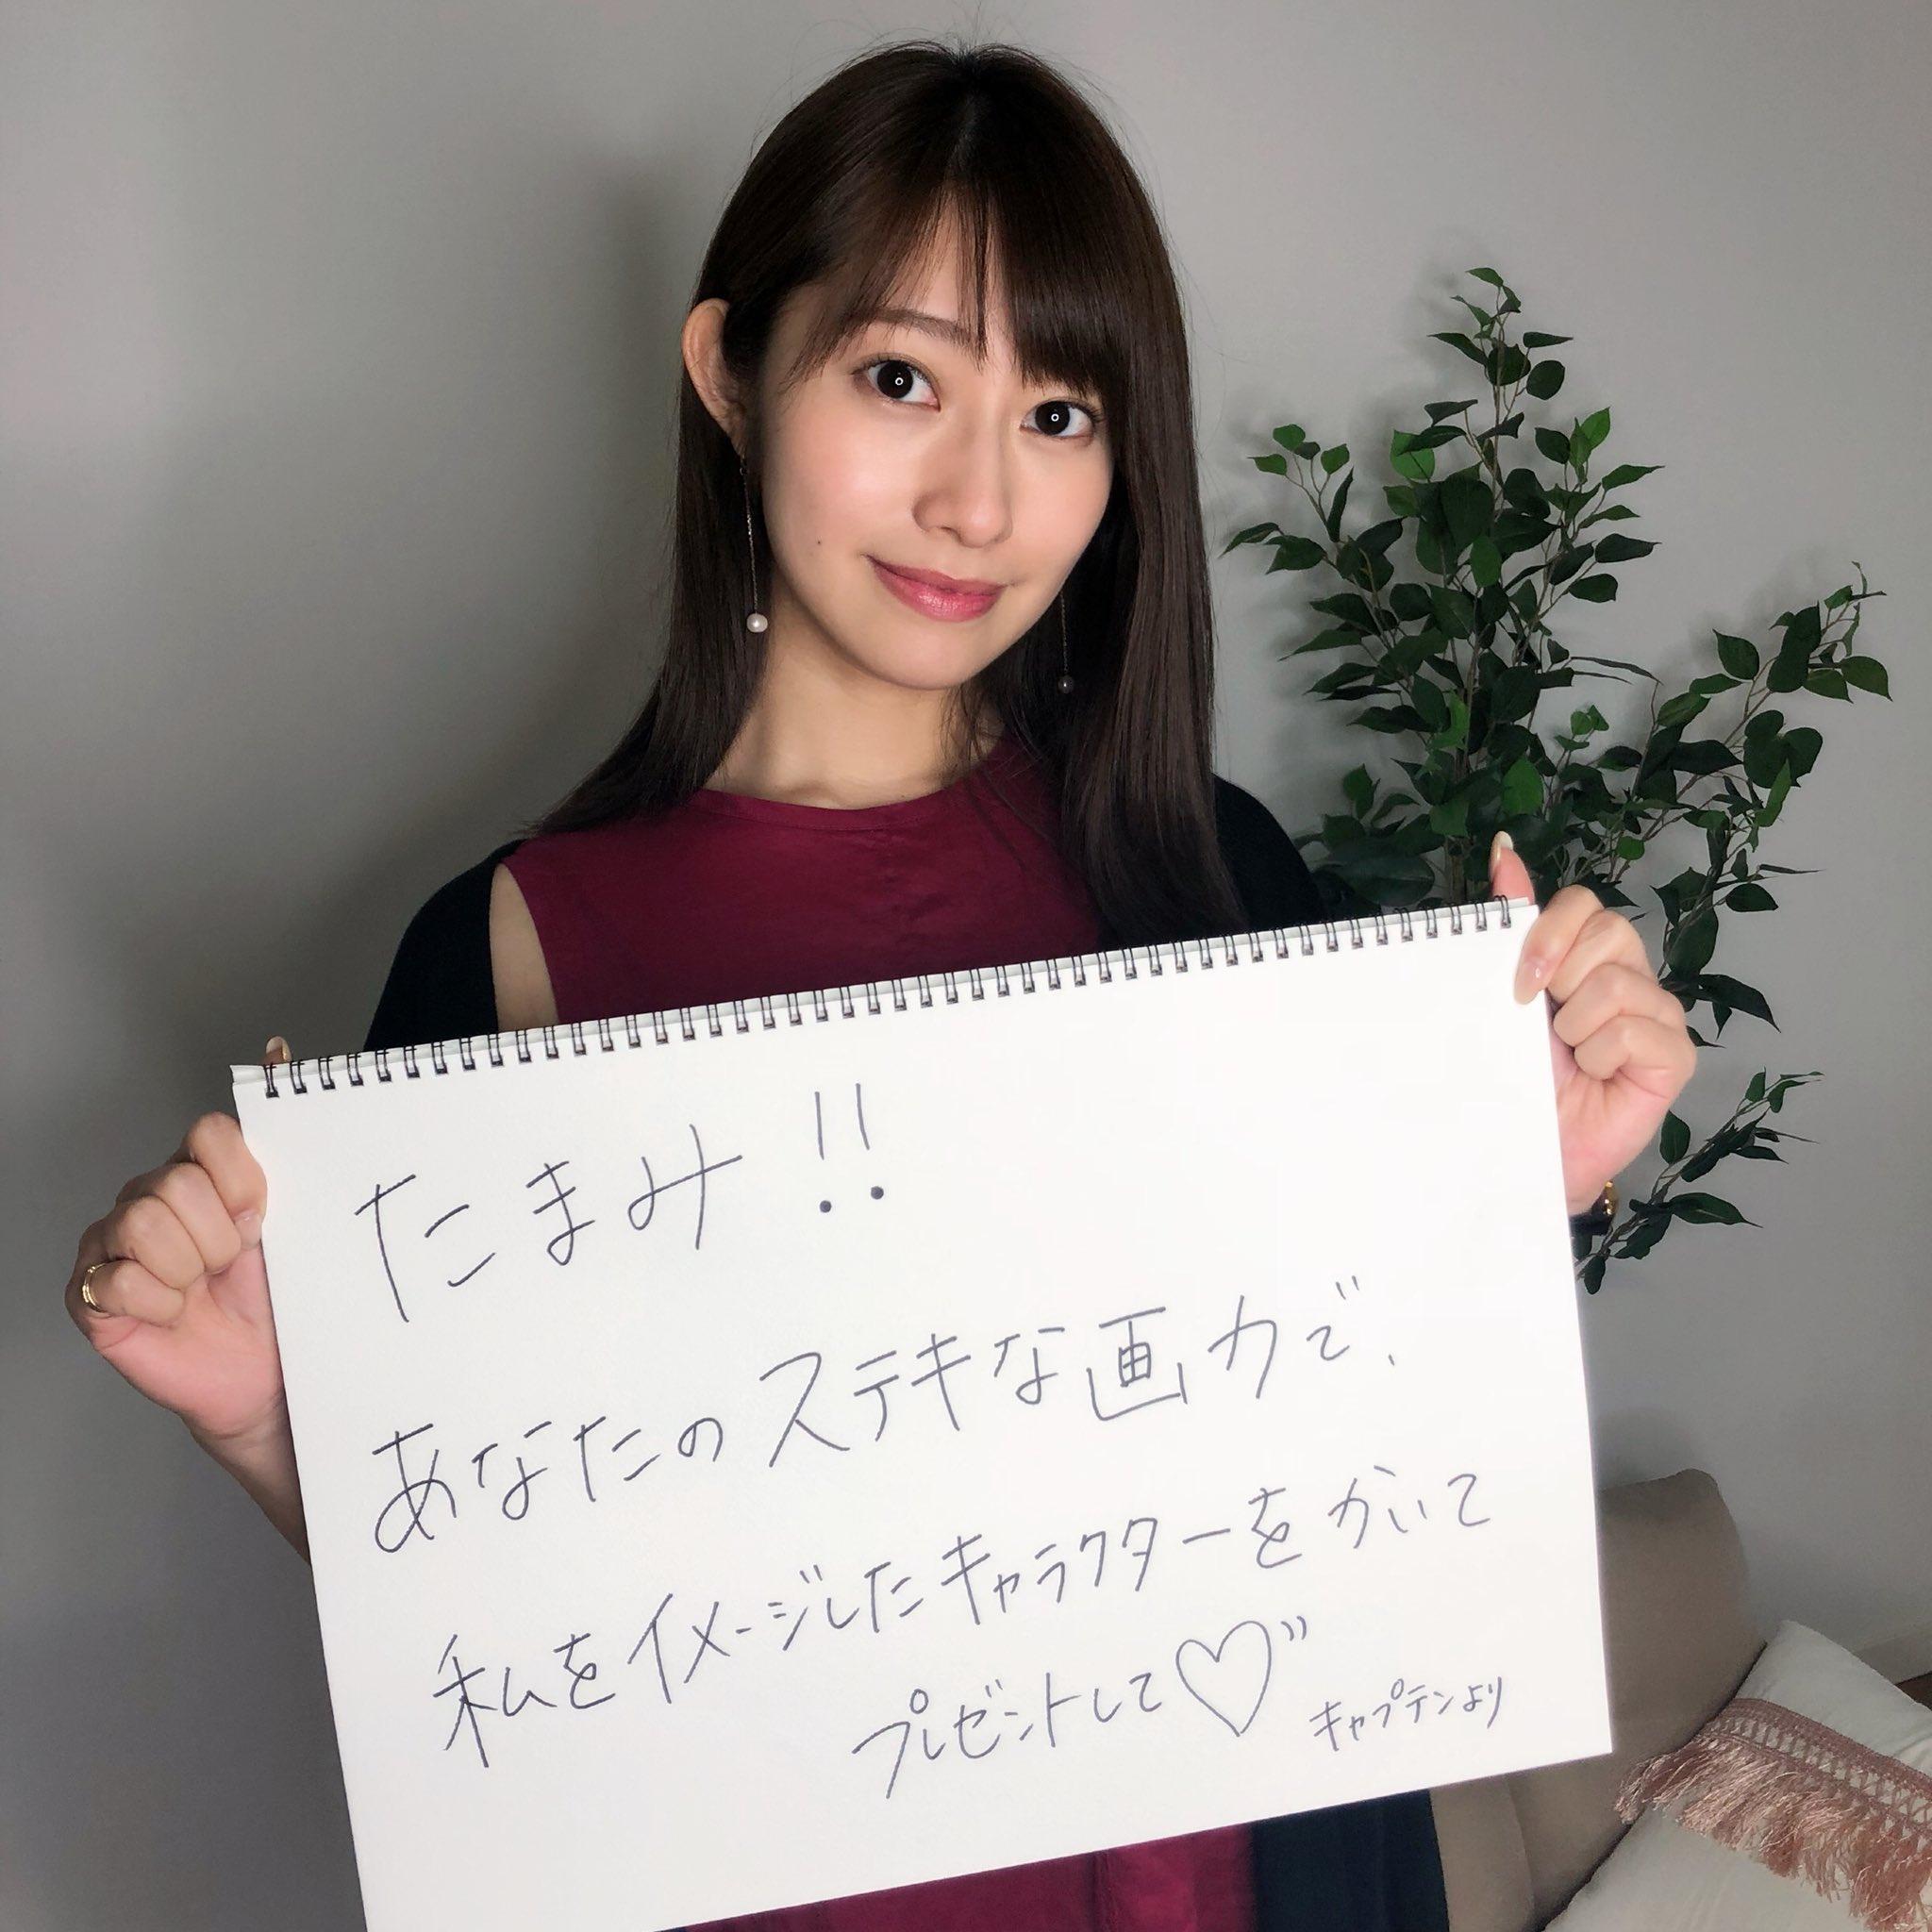 桜井玲香から阪口珠美への宿題は「あなたのステキな画力で、私をイメージしたキャラクターをかいてプレゼントして」